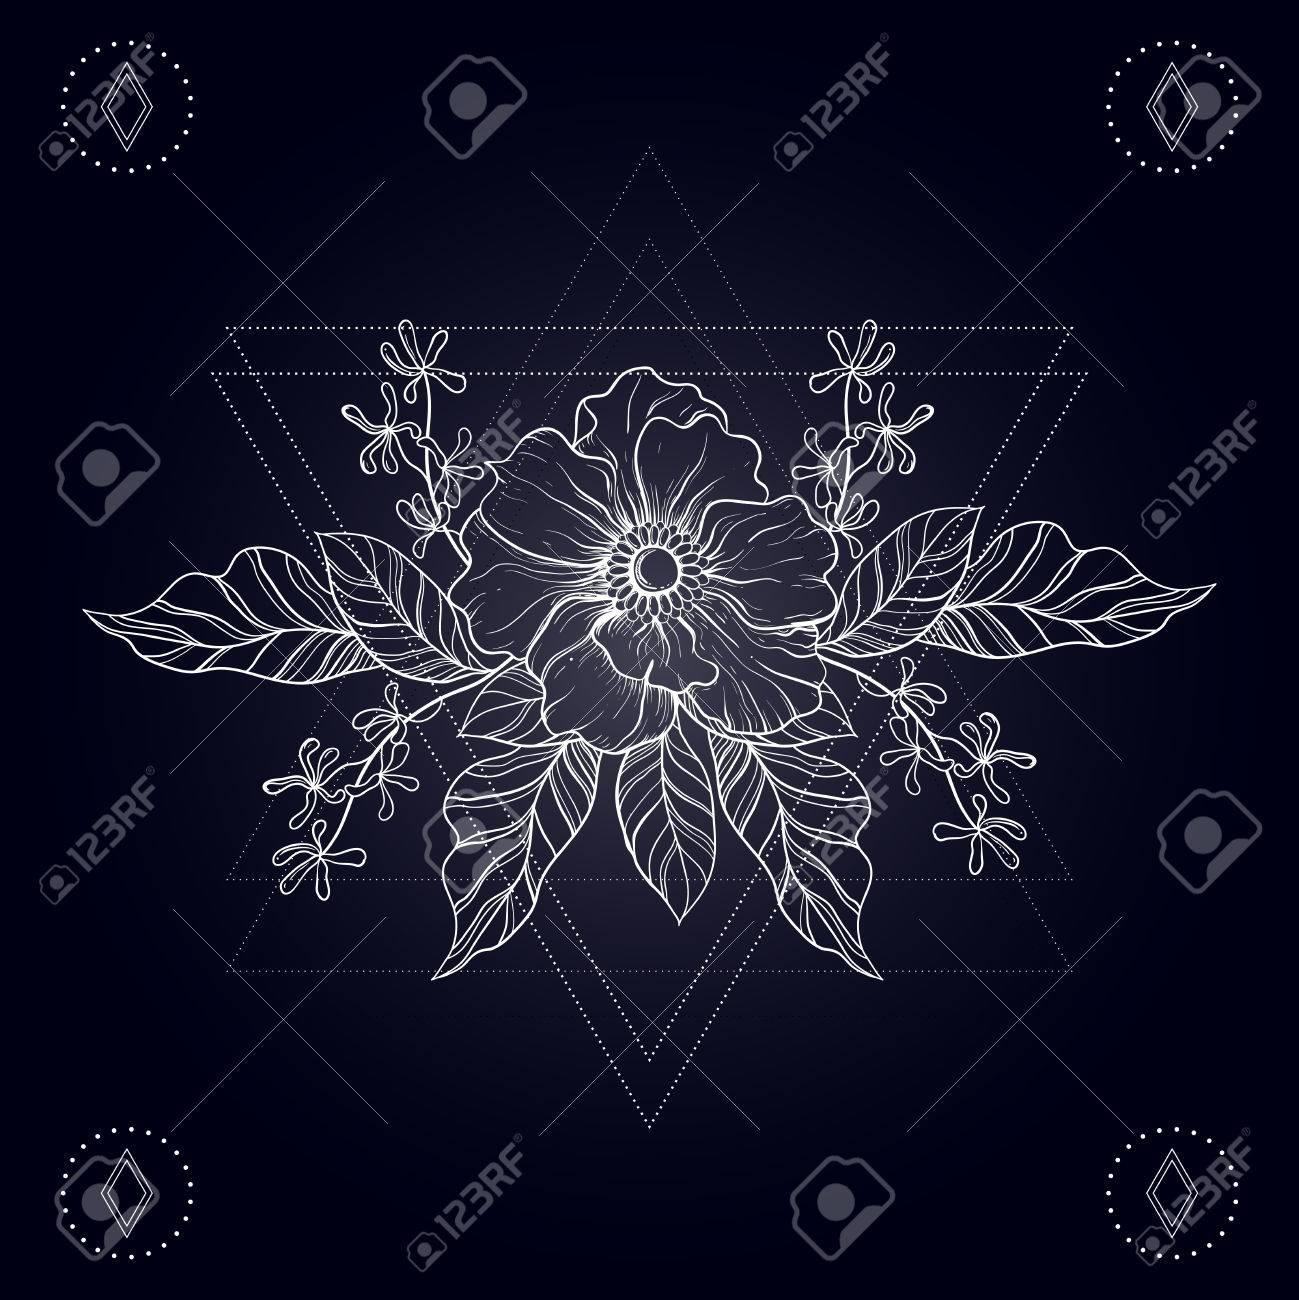 Tatouage Boho Dessine A La Main Croquis De Fleurs Dans Le Cadre De